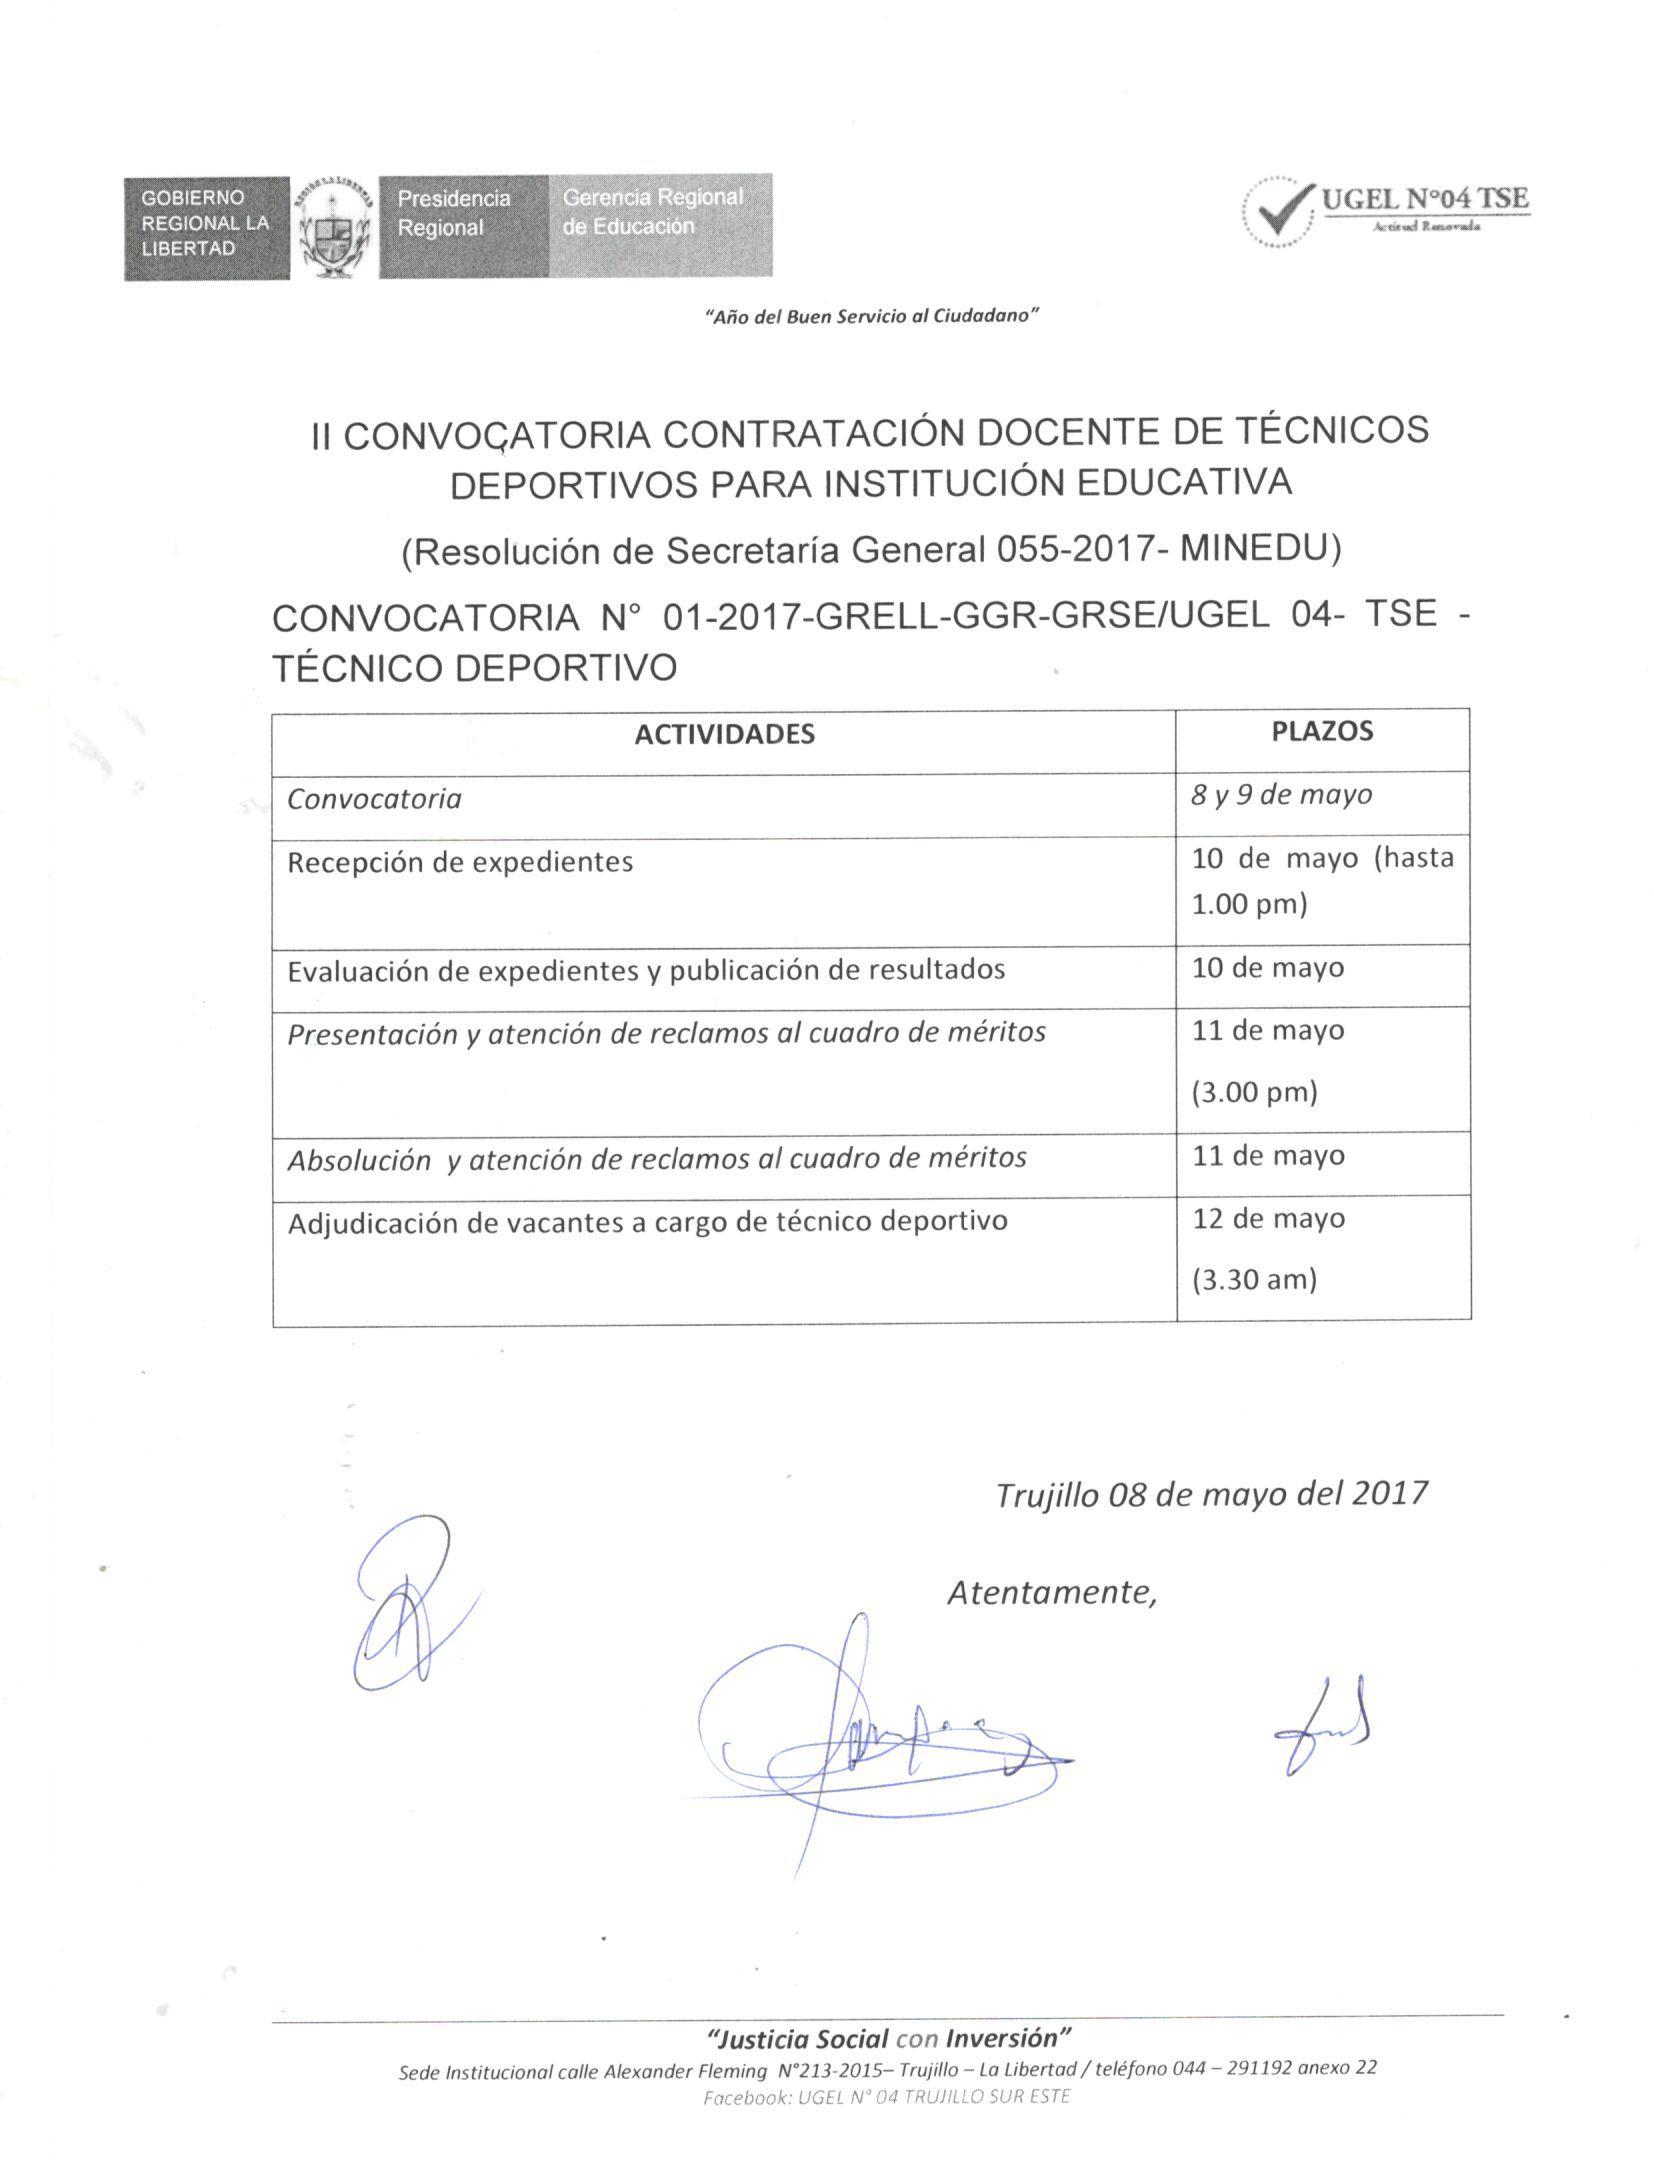 Ii convocatoria contrataci n docente de t cnicos for Convocatoria de docentes 2017